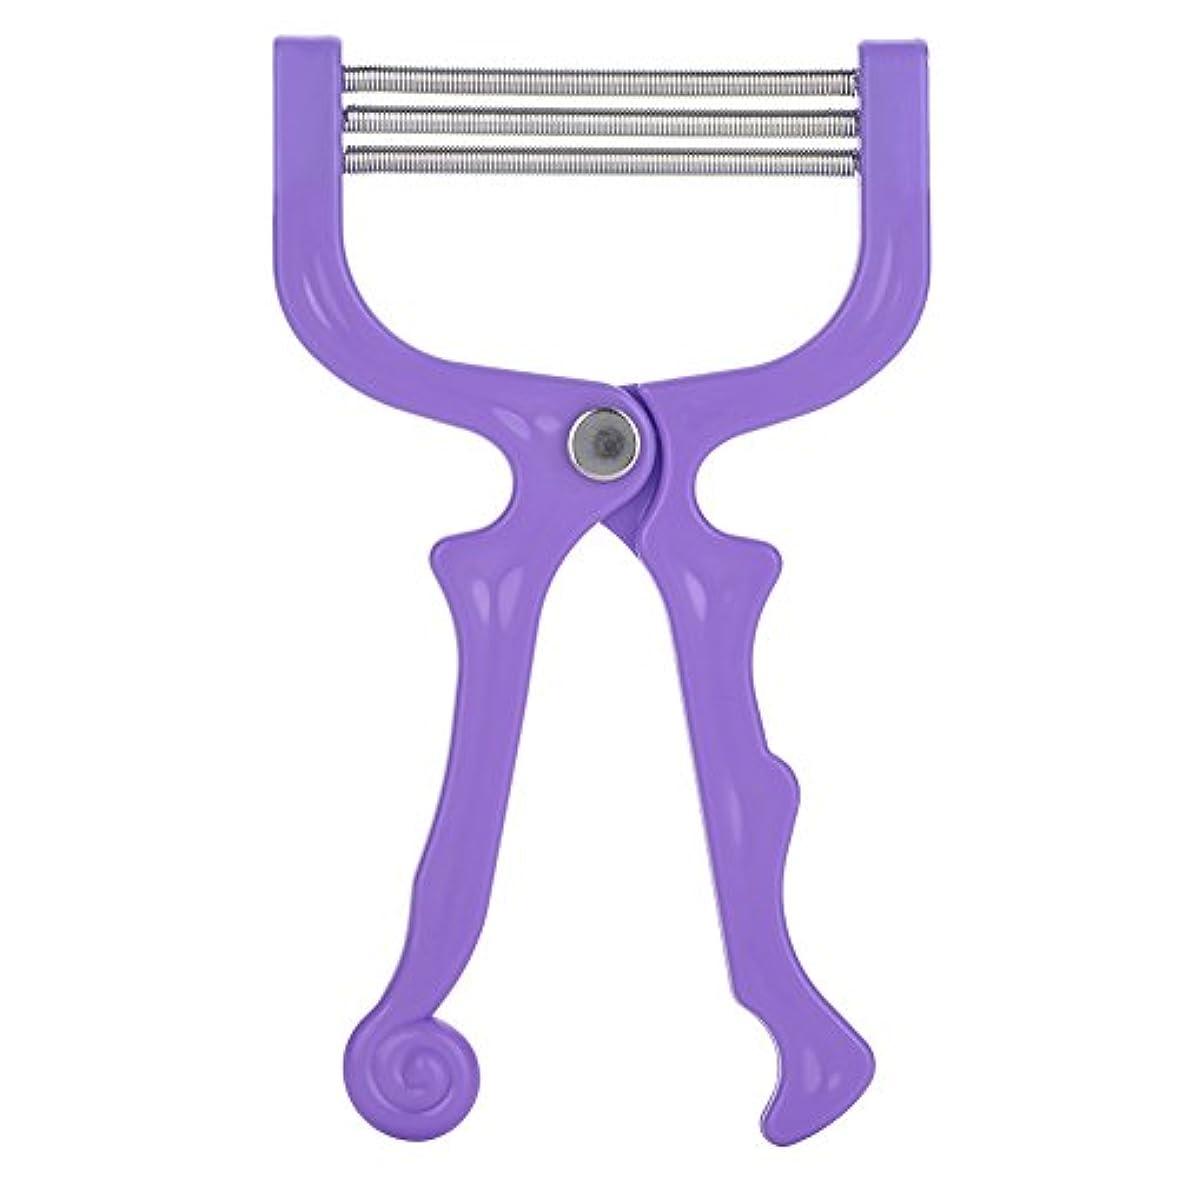 赤外線推測ながらSoarUp 除毛 脱毛装置 ポータブル脱毛 痛くない除毛ケア 顔用 口 持ち運び安い(パープル)